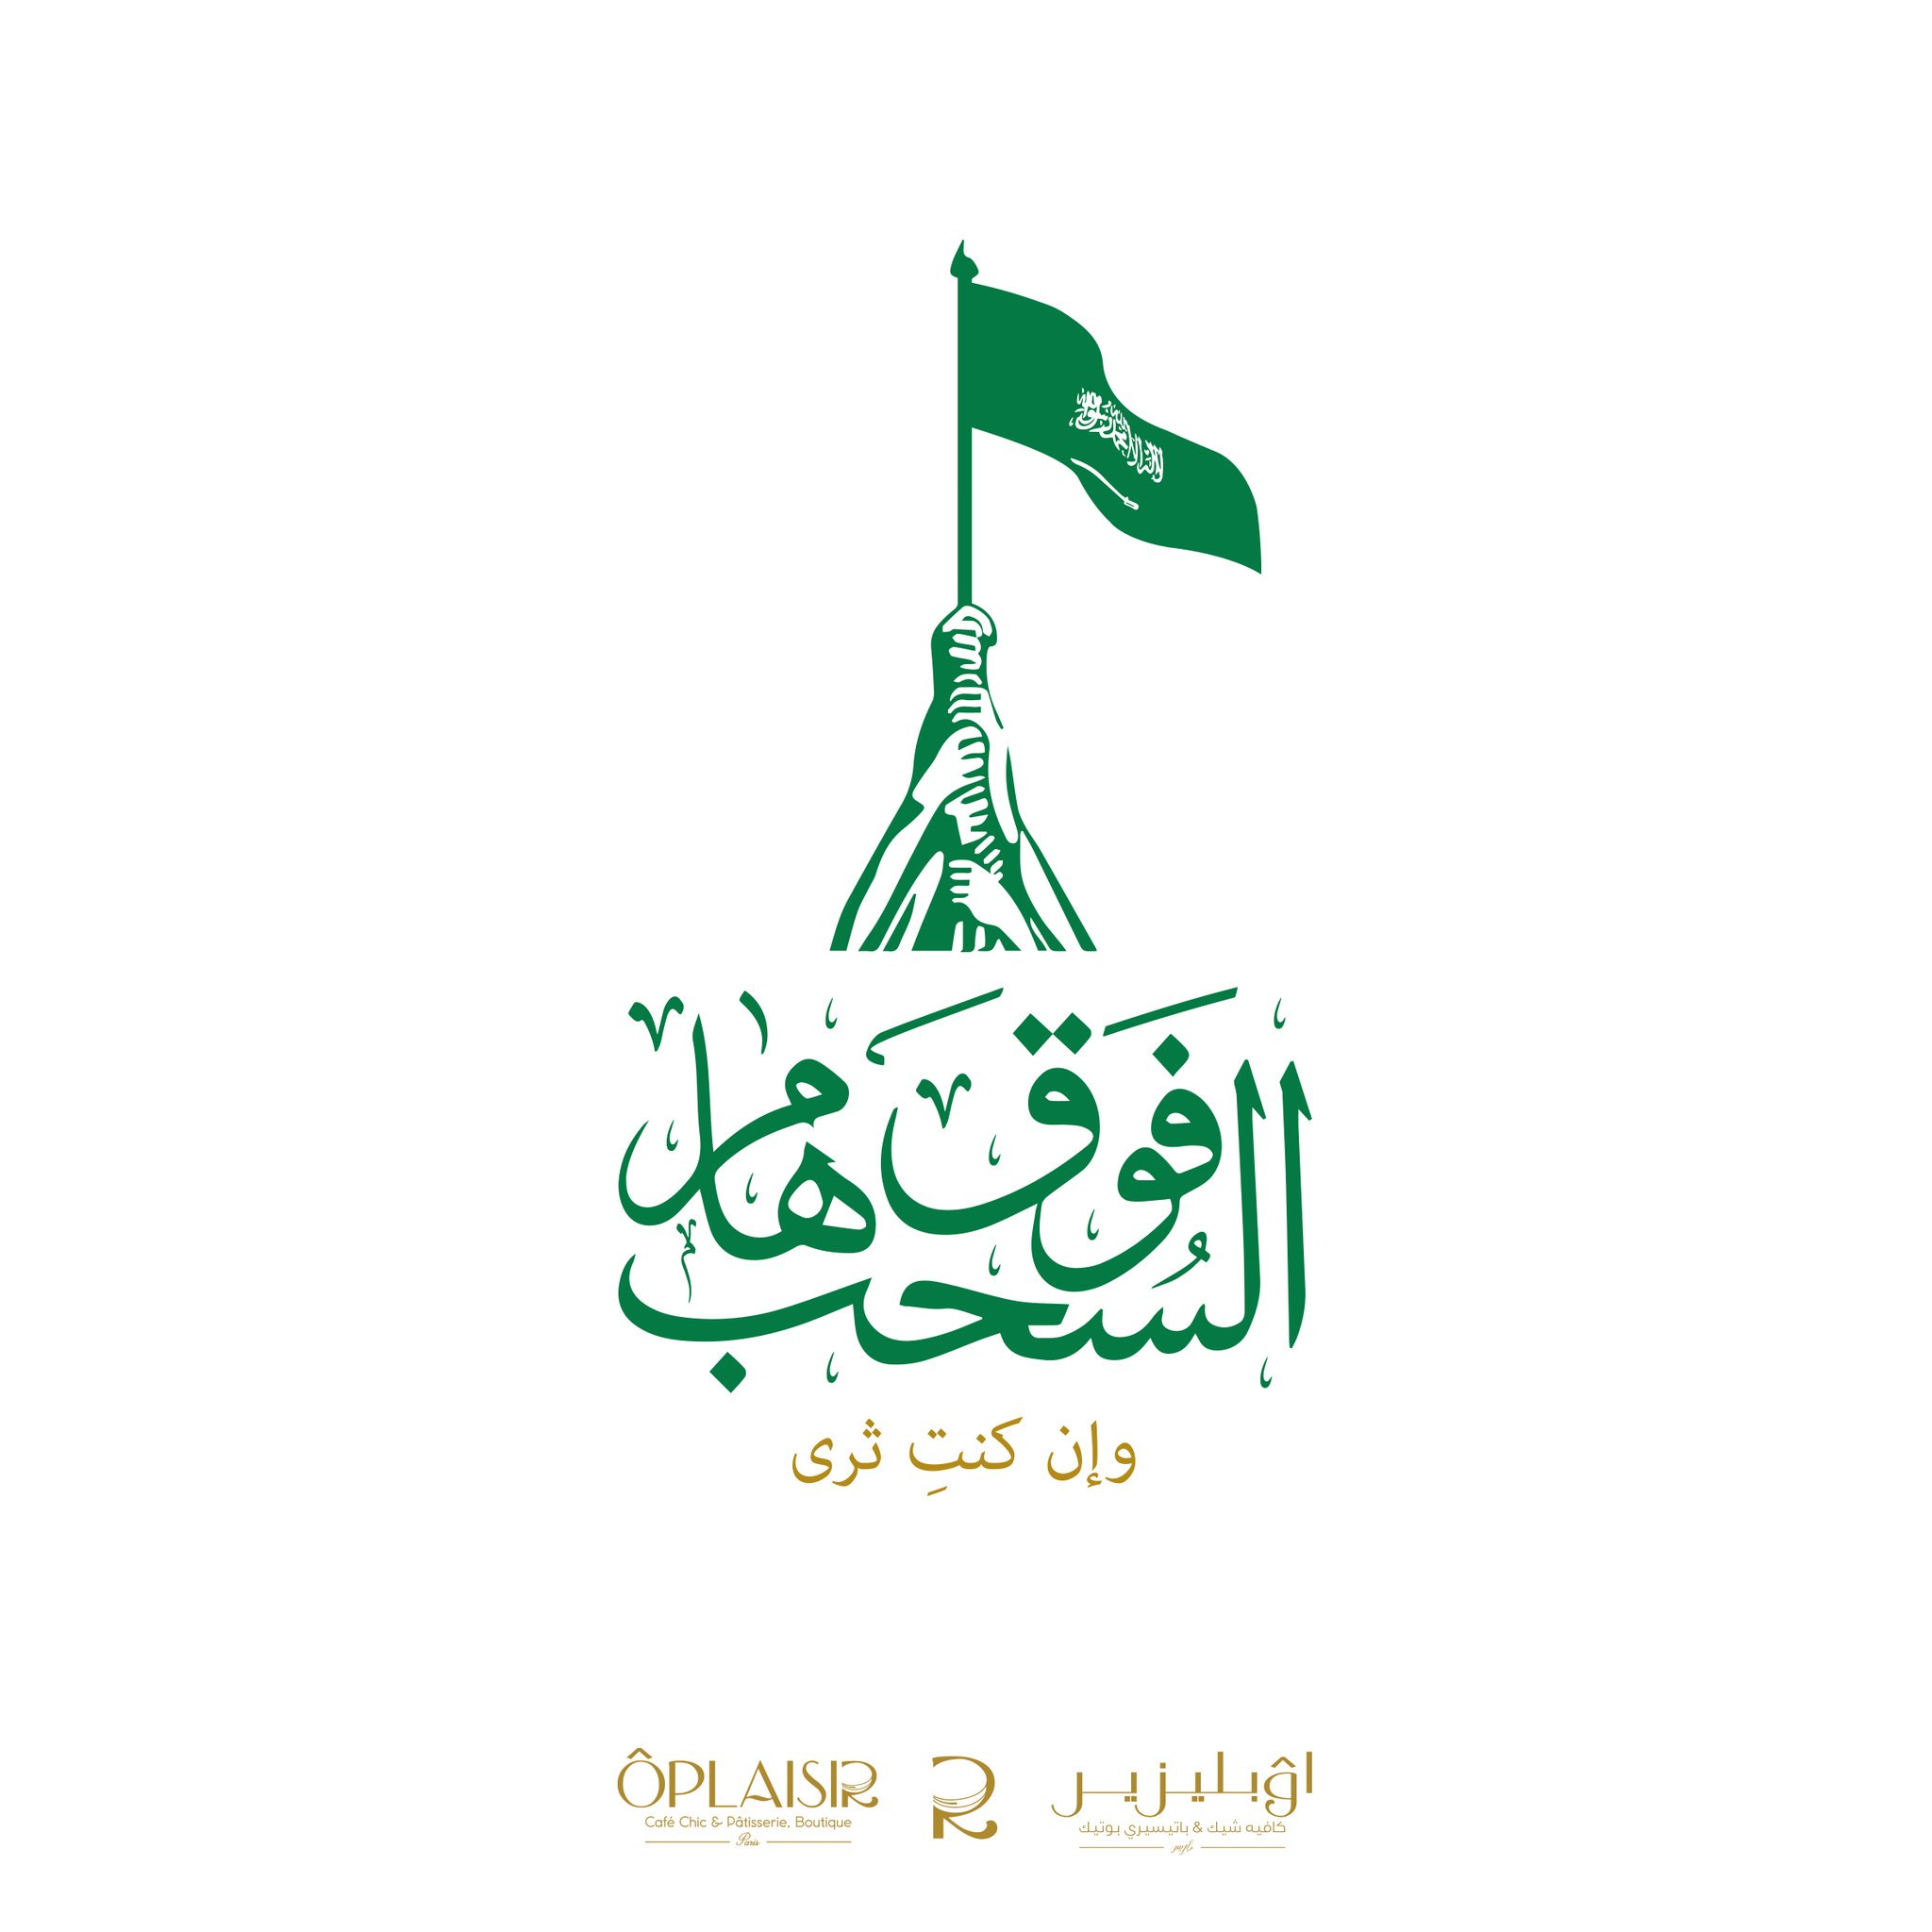 رد: ::: << ليه الخوف (( شارت تفاؤلي للمؤشر والهدف 11160 بإذن الله )) >> :::